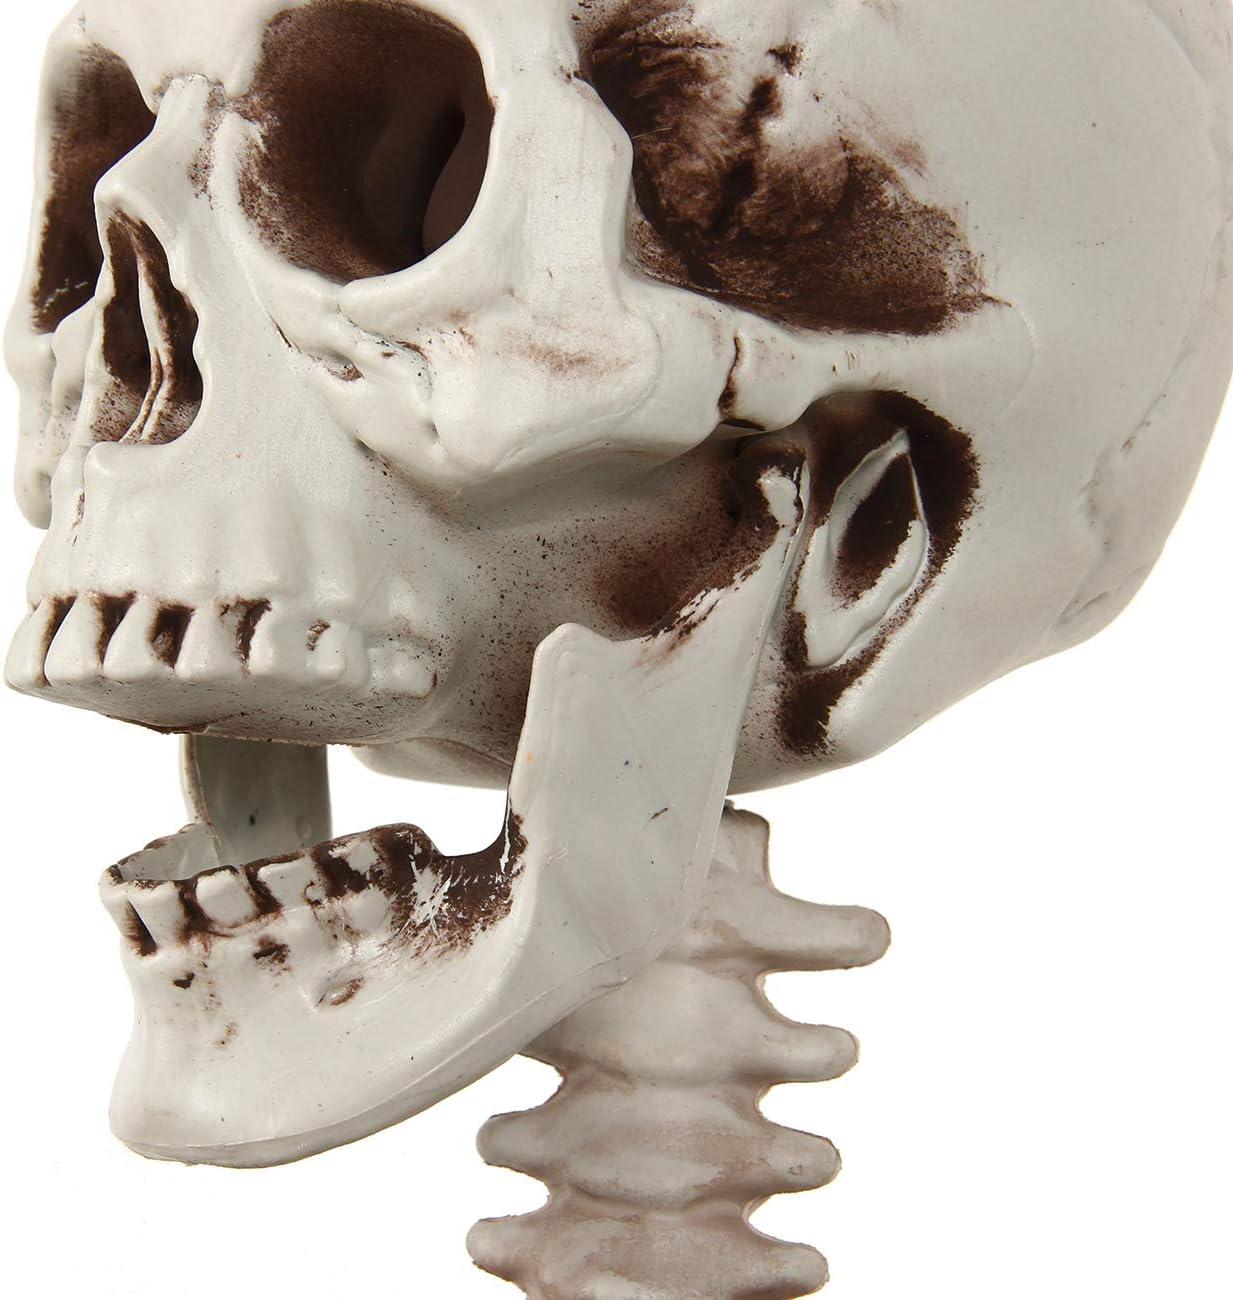 bottlewise Anatomical Skeleton Model Life Size 165cm Graveyard Bones Party Halloween Decoration Props # 1